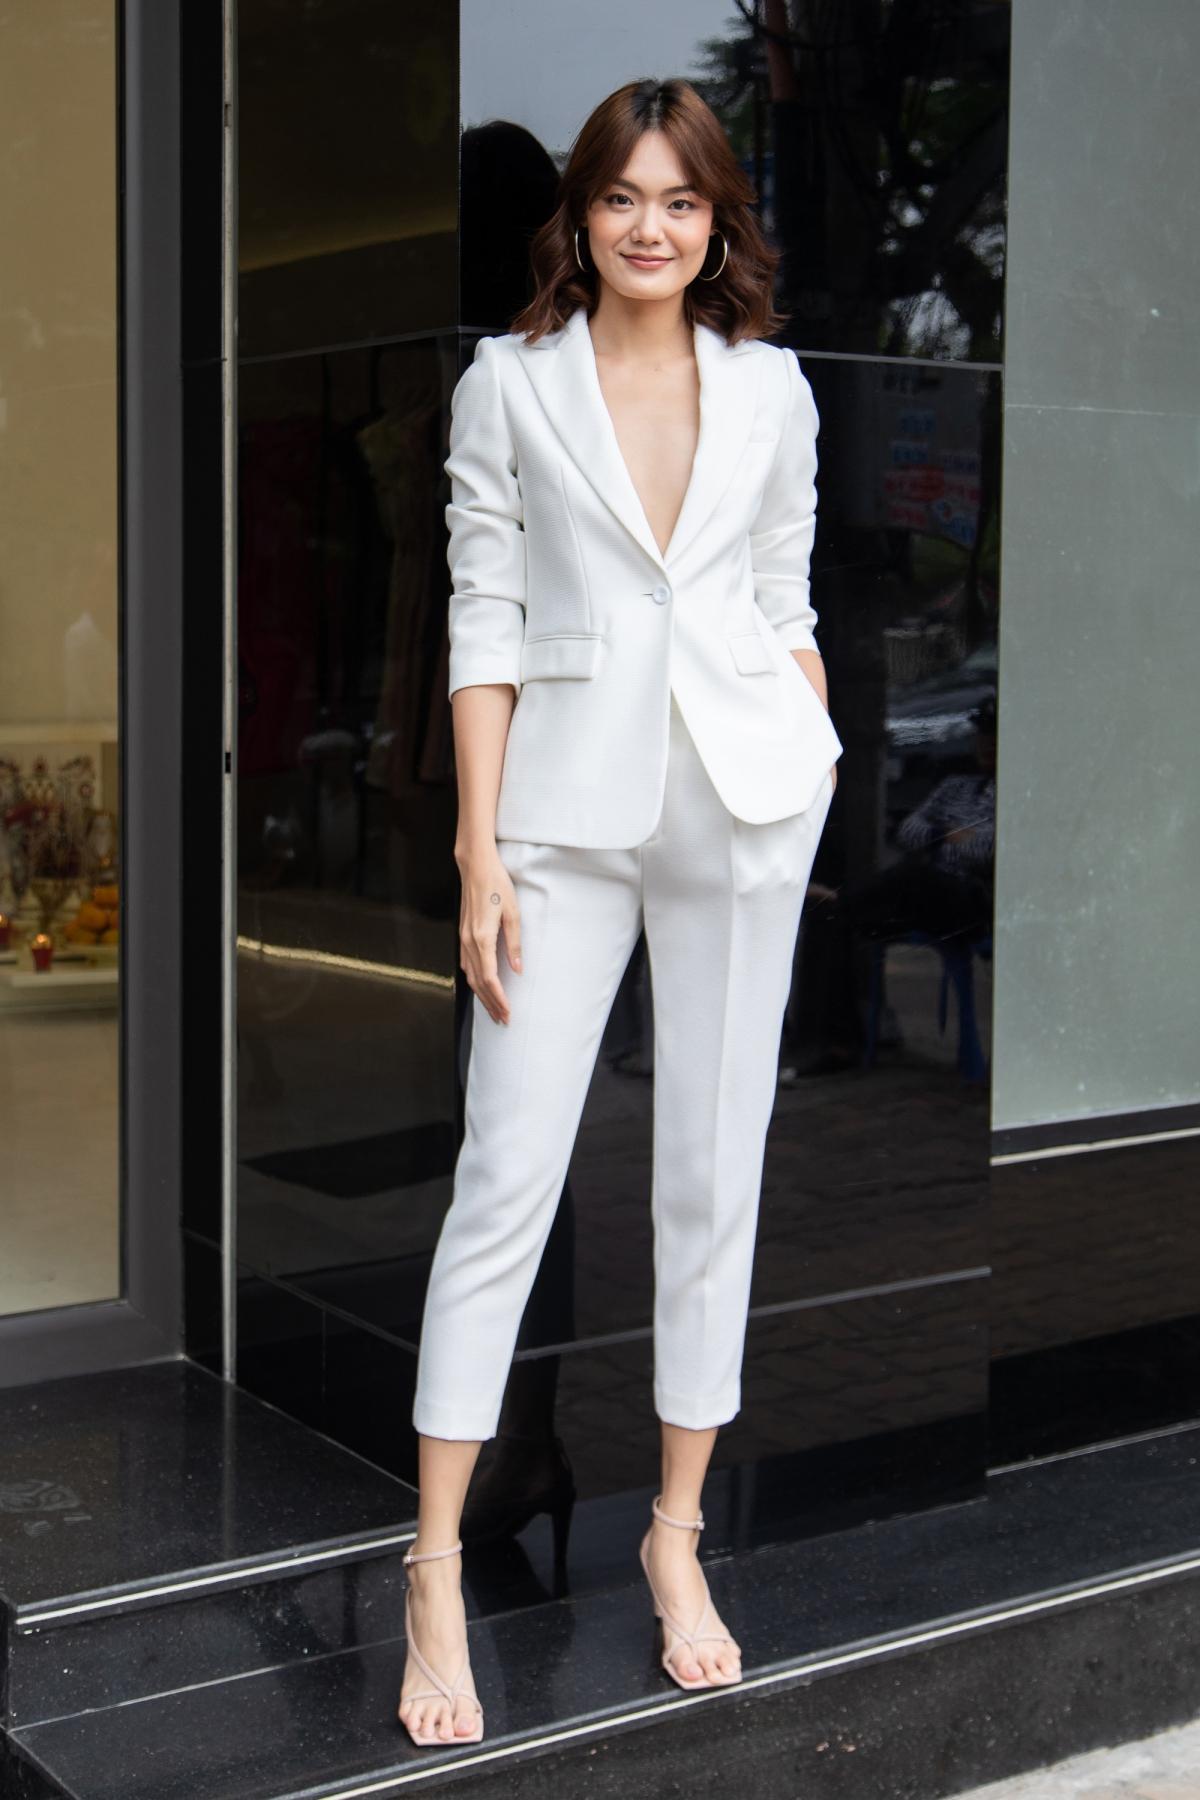 Cũng với sắc trắng, người mẫu Lê Thanh Thảo lại chọn kiểu vest phom rộng với đường xẻ ngực sâu, trông vừa thanh lịch nhưng cũng không kém phần gợi cảm. Cô phối cùng chiếc túi màu nâu nhạt, phù hợp với mùa thời trang cuối năm.